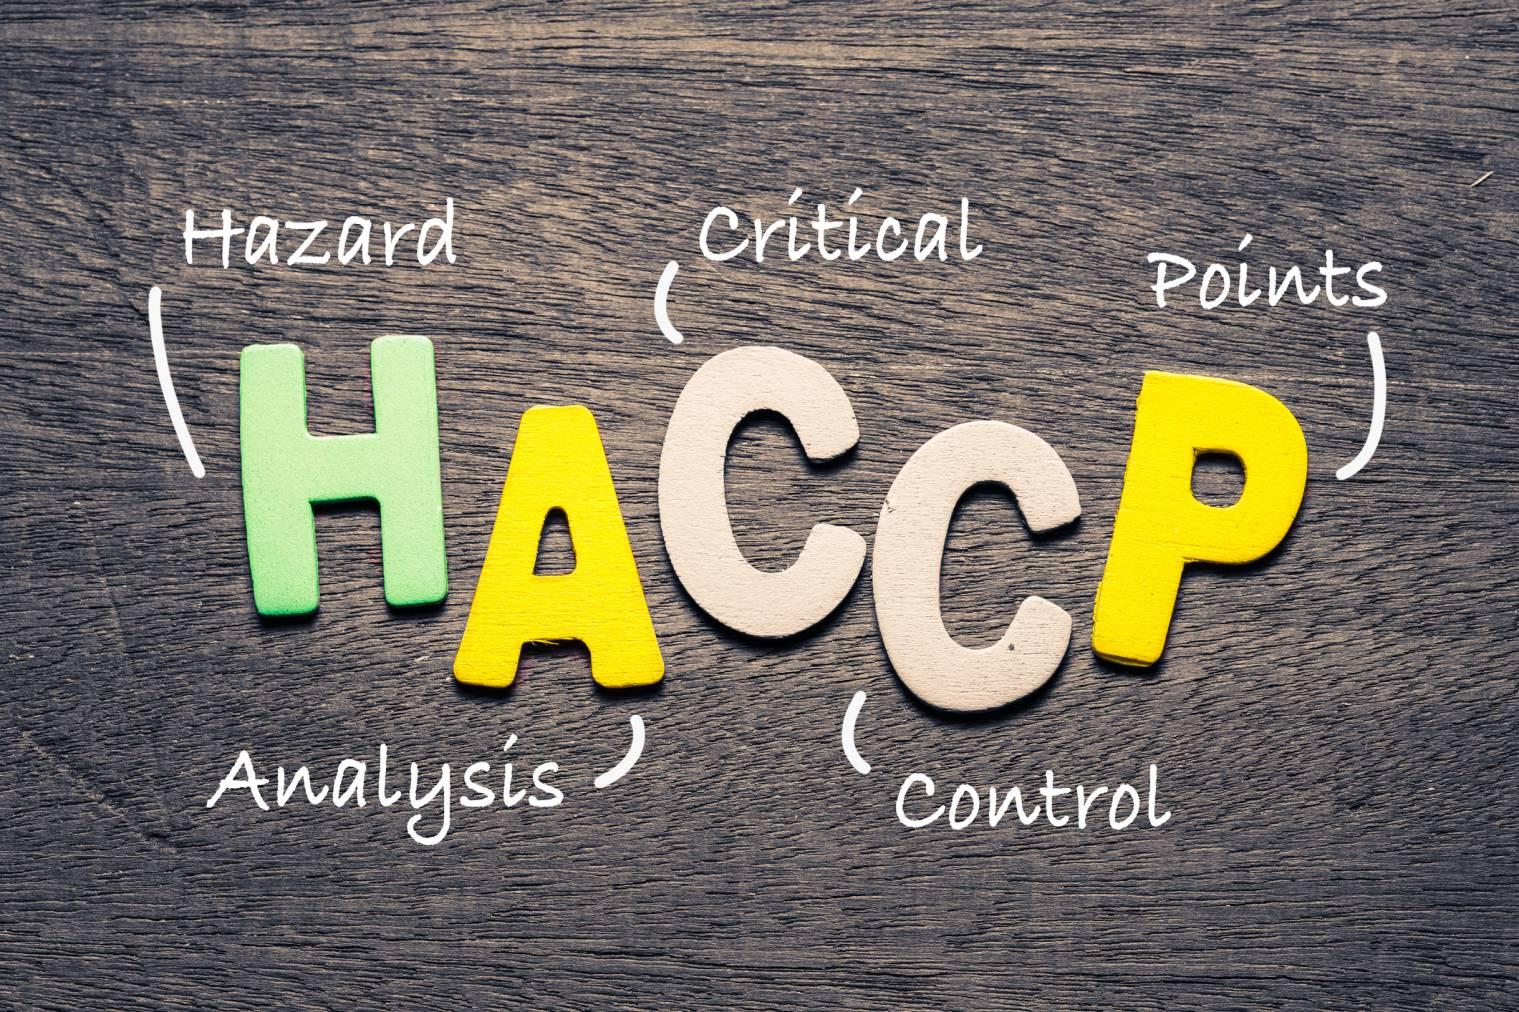 Les spécificités de la formation HACCP